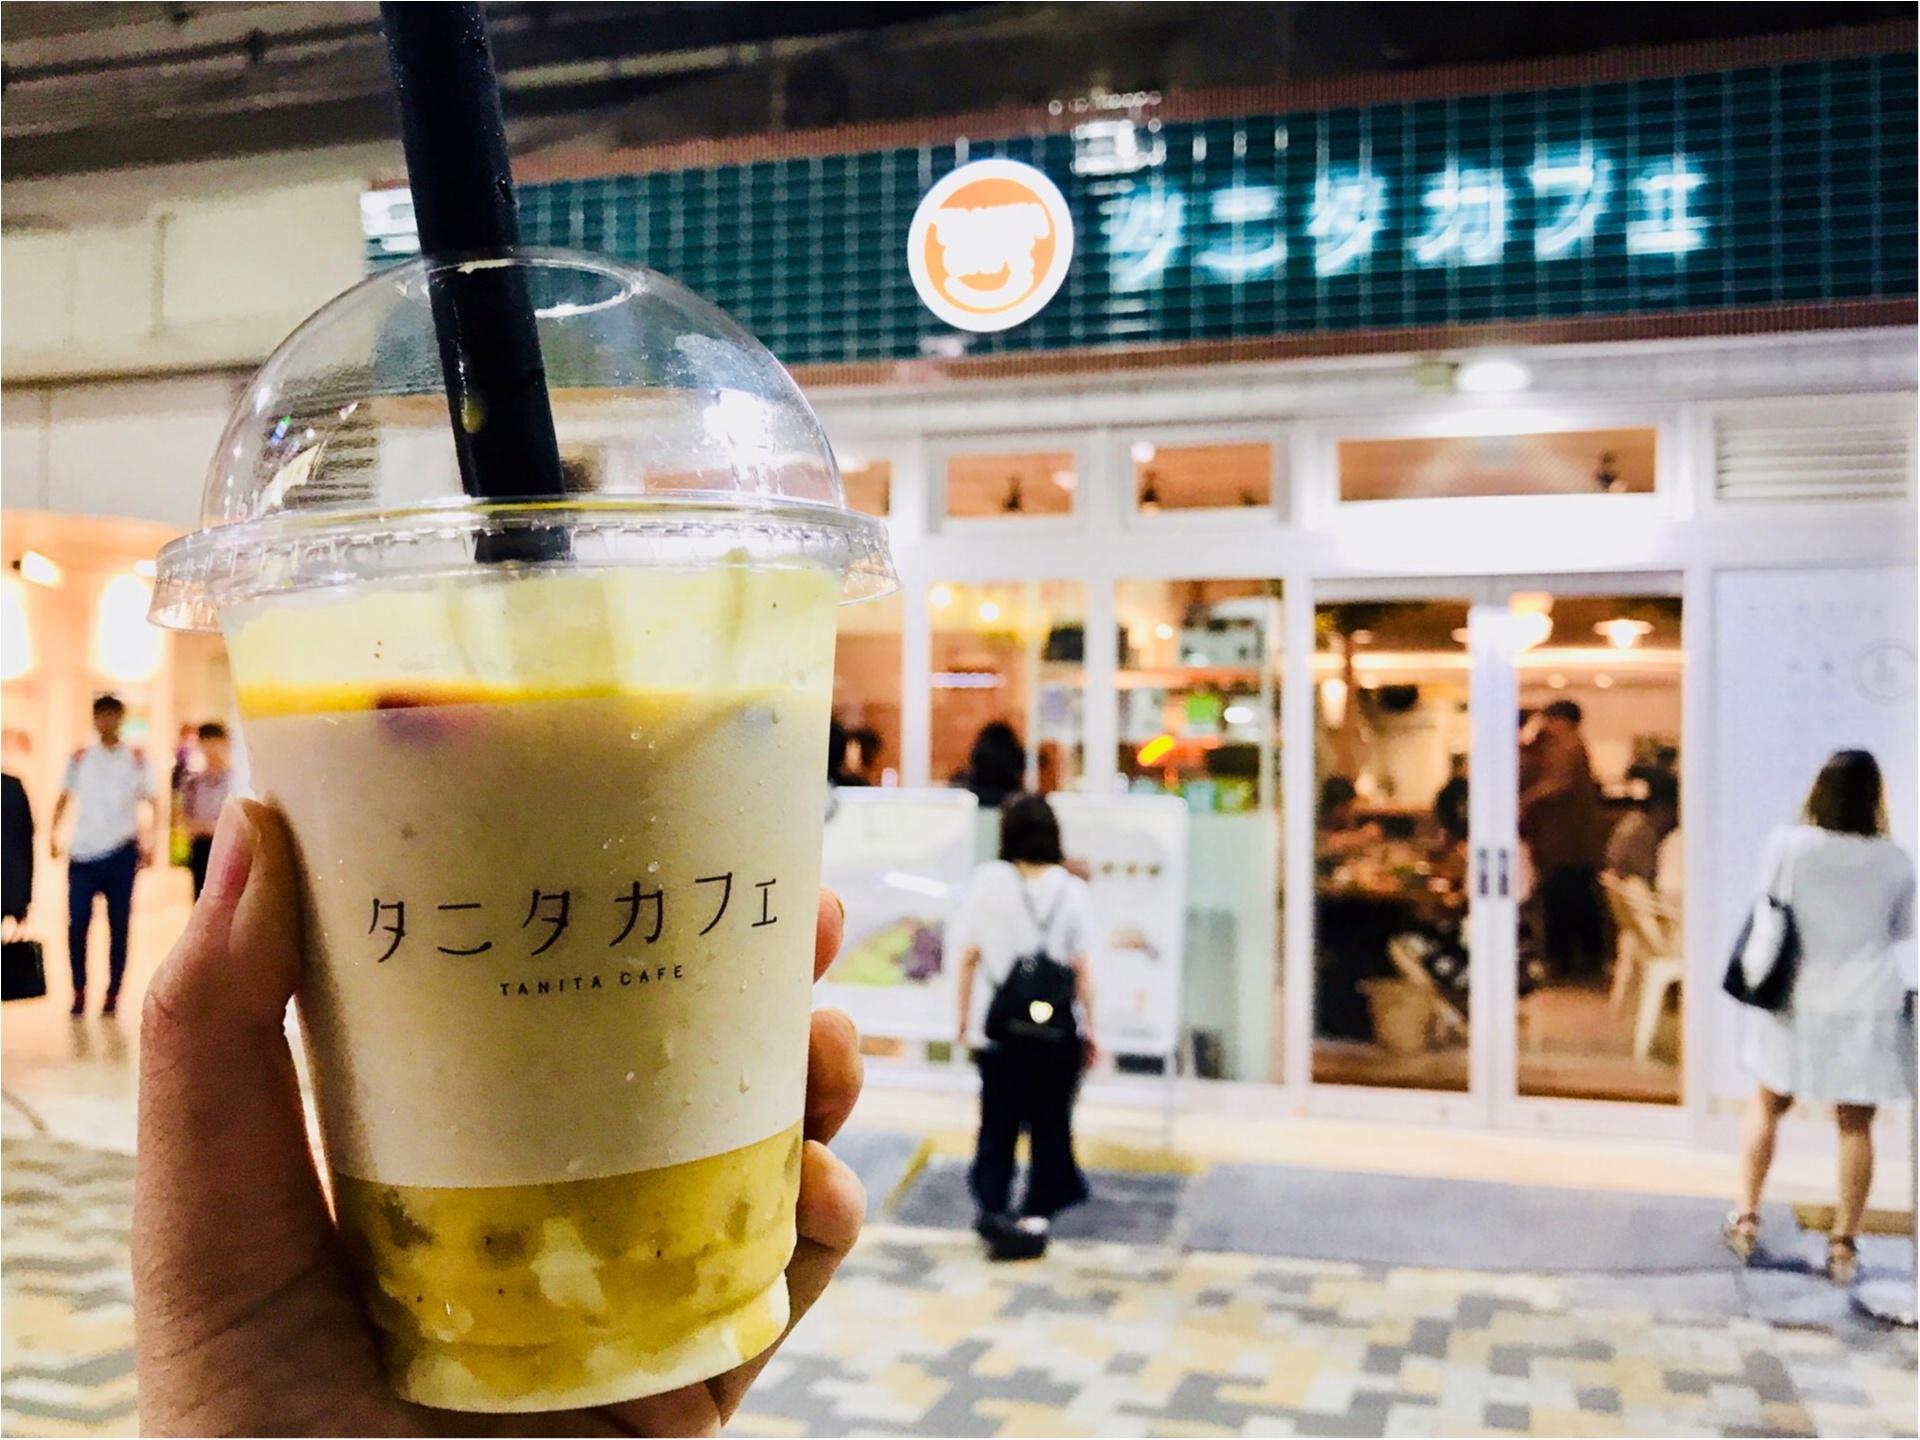 """【タニタカフェ】ダイエットの強い味方!""""噛む""""スムージー《カムージー》って?_5"""